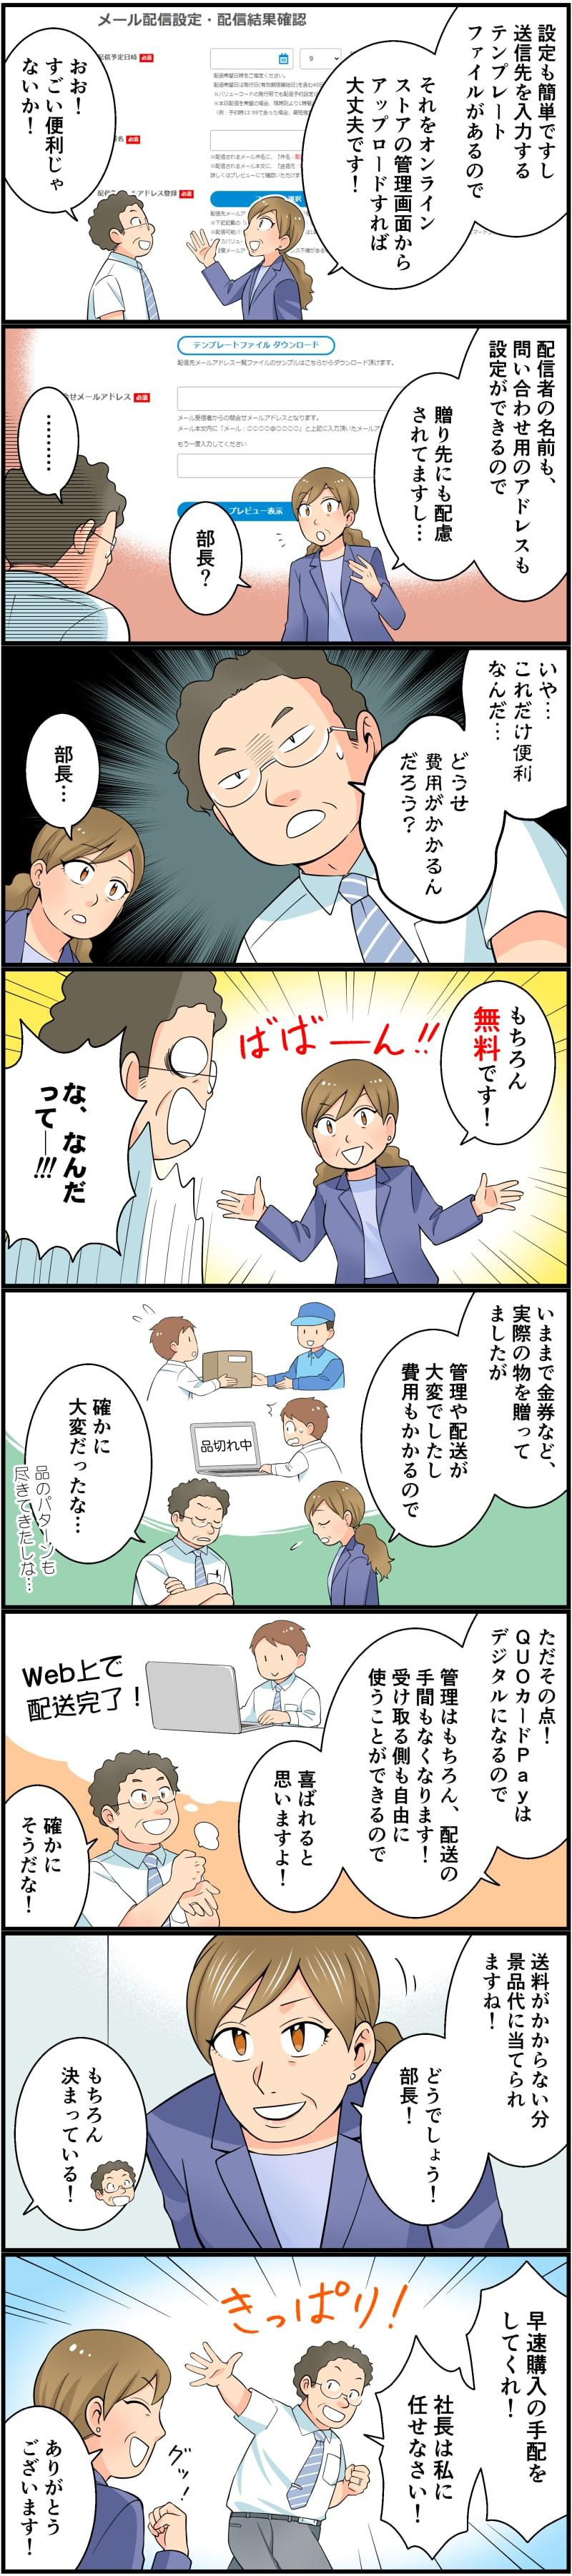 QUOカードPay 縦読み漫画『QUOカードPayの購入方法 法人編』掲載サンプル2